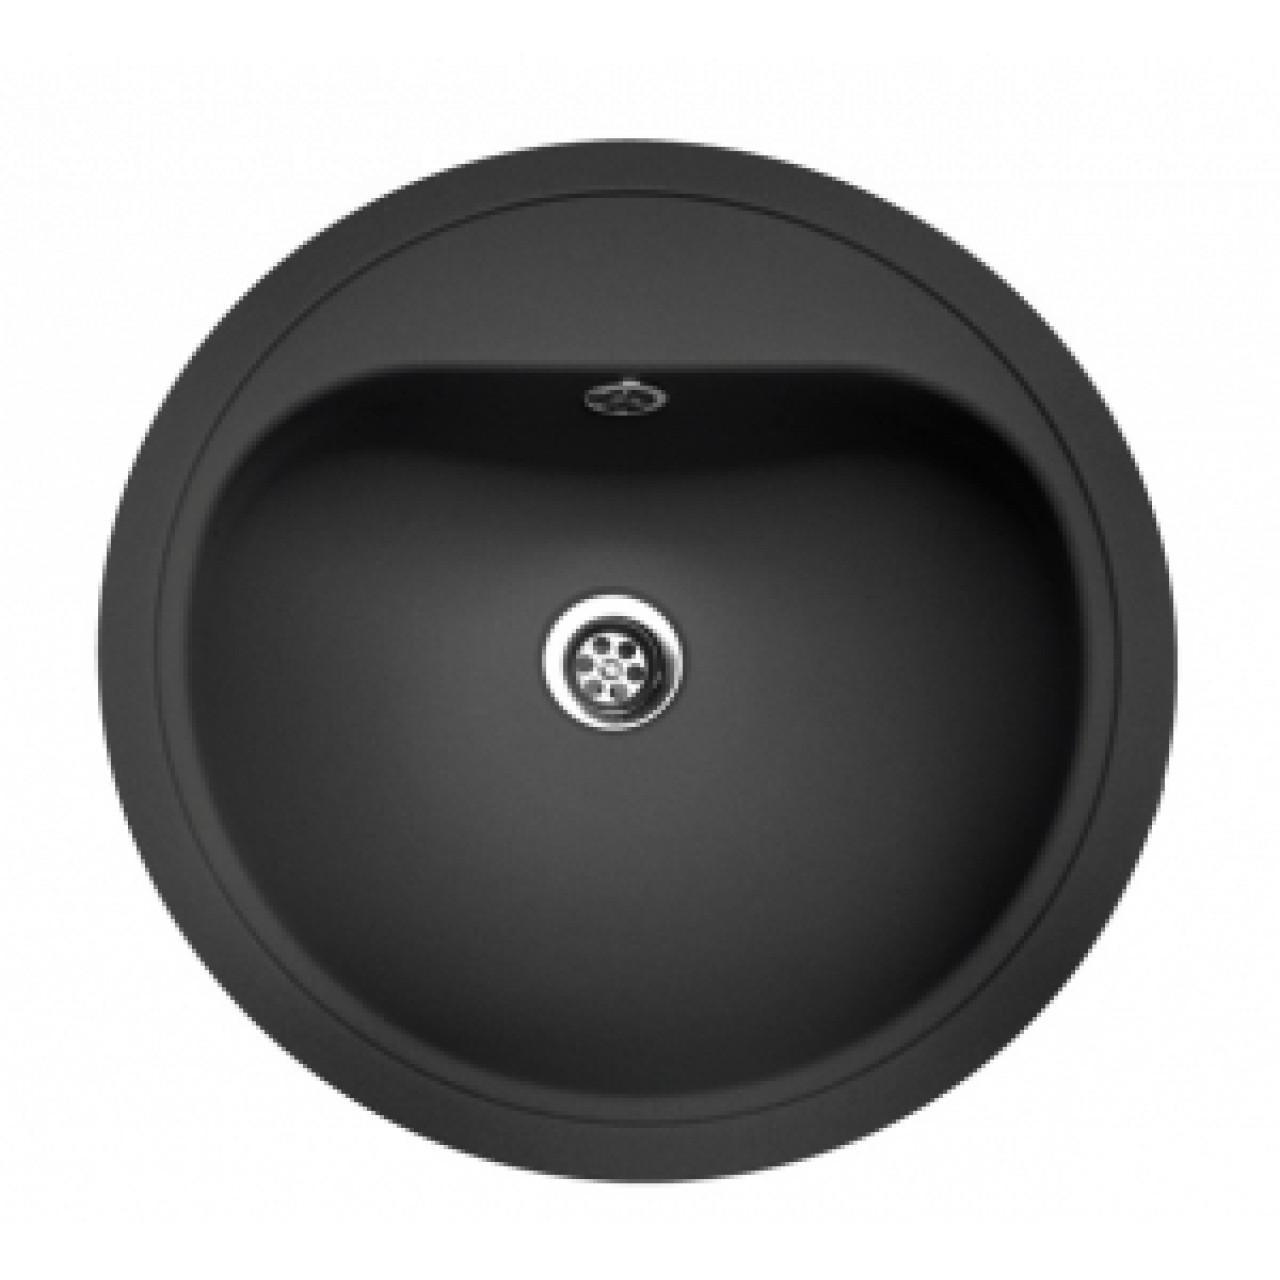 """Кухонная мойка Reginox Atlantis Color Midnight Sky 3,5"""" Regi - Color 43680 купить в Москве по цене от 17000р. в интернет-магазине mebel-v-vannu.ru"""